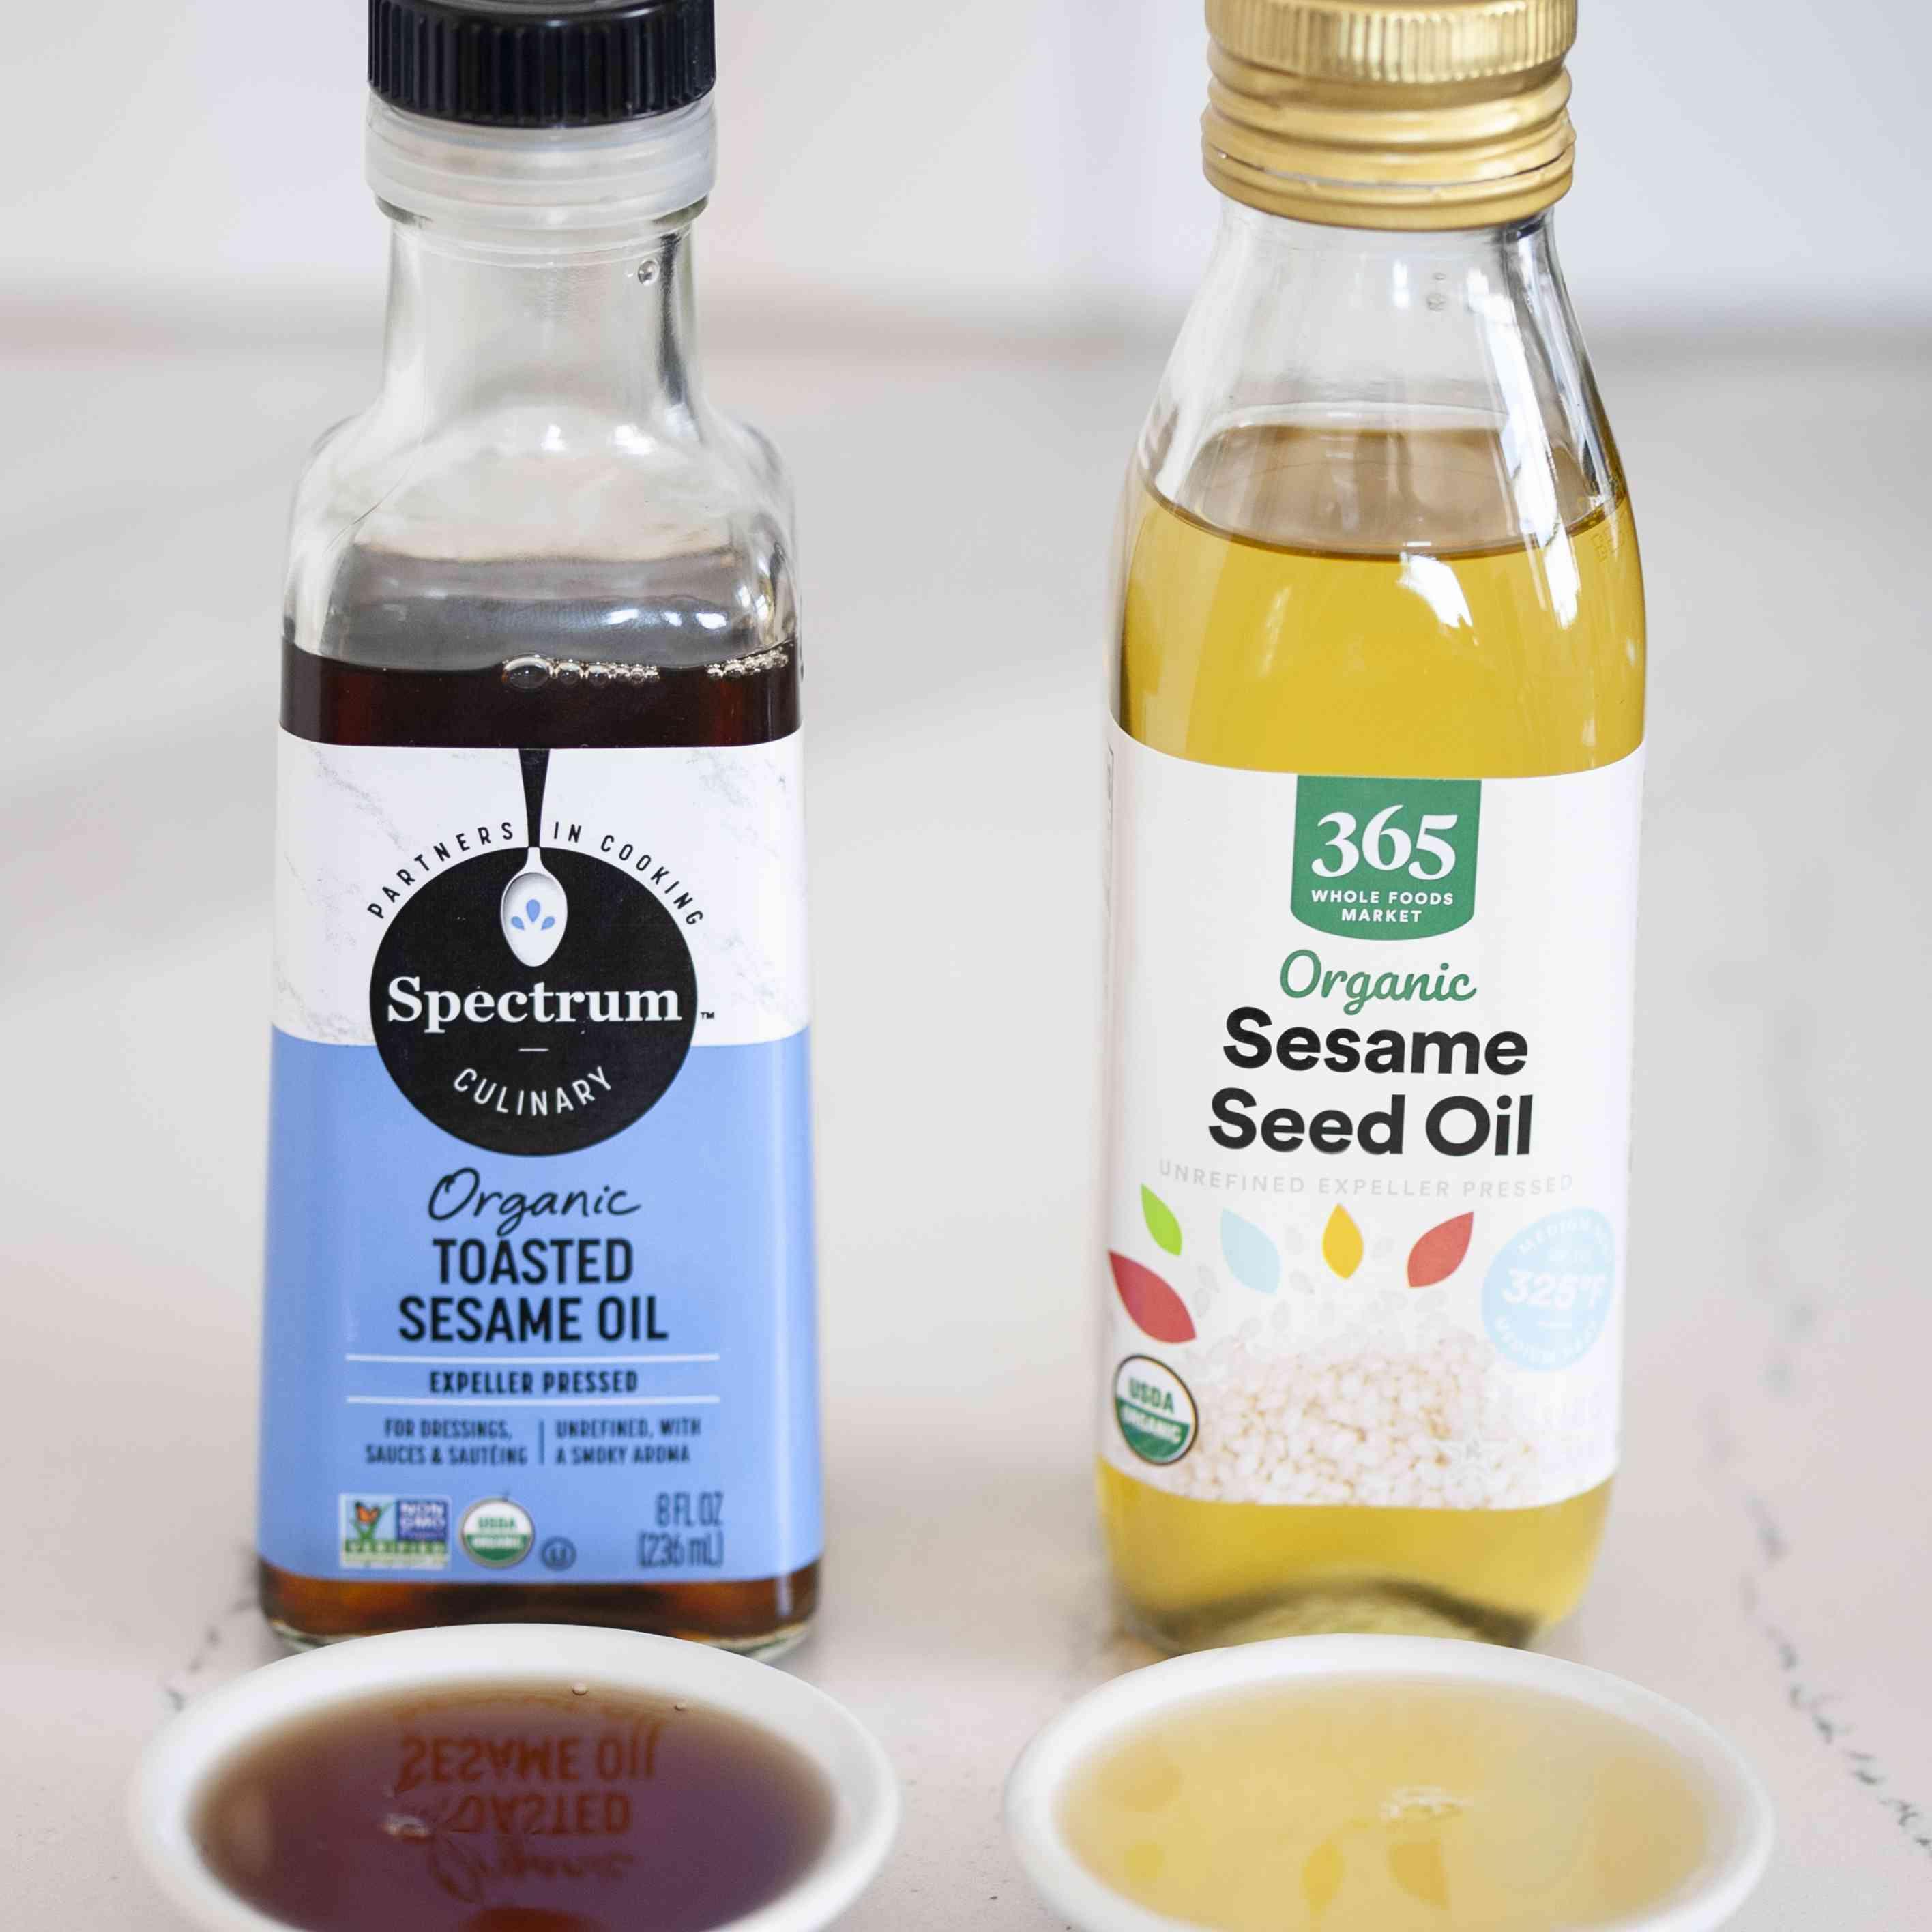 Toasted vs regular sesame seed oil